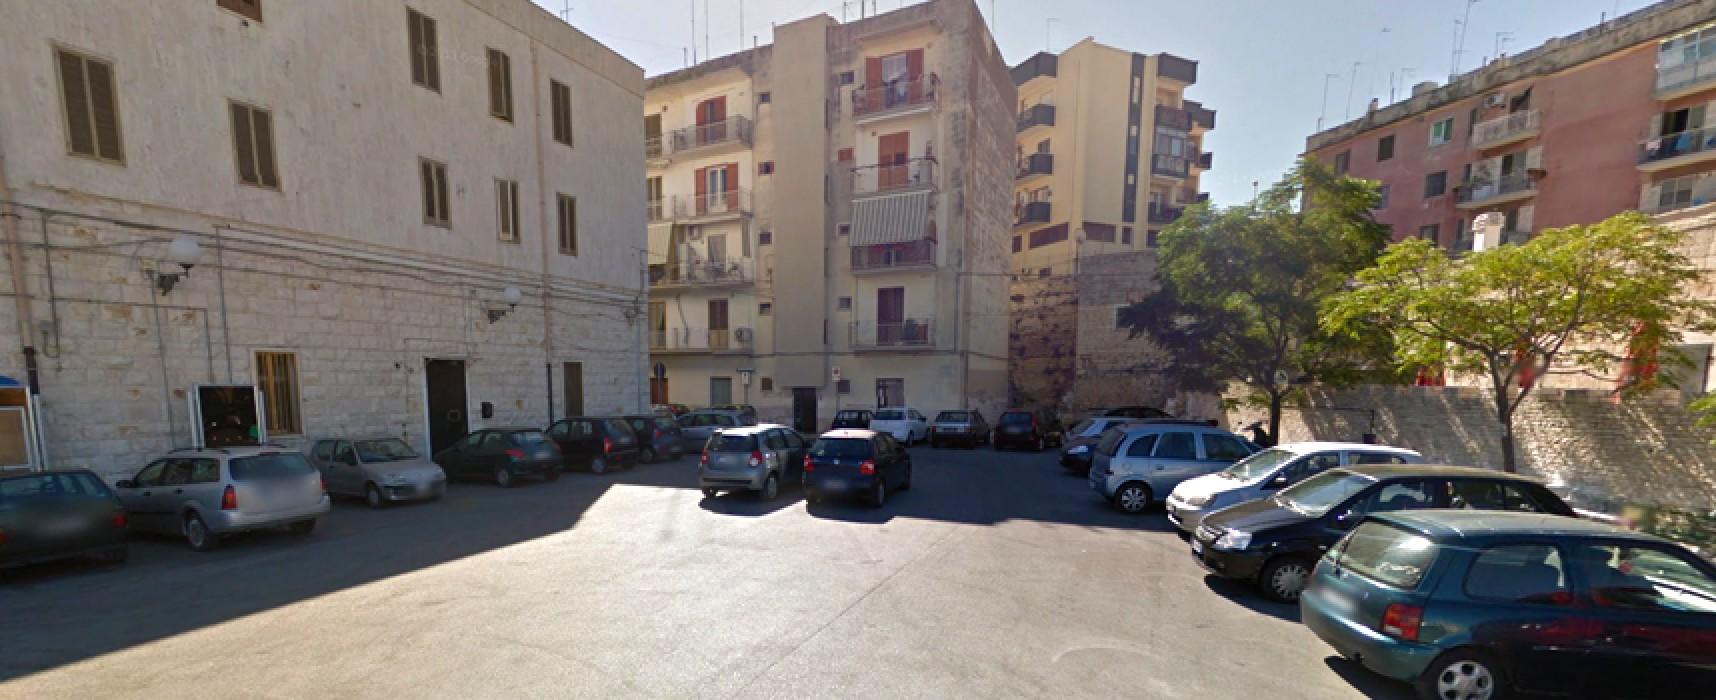 Recupero alloggi popolari di via Taranto e via Mauro Terlizzi, arriva il finanziamento regionale